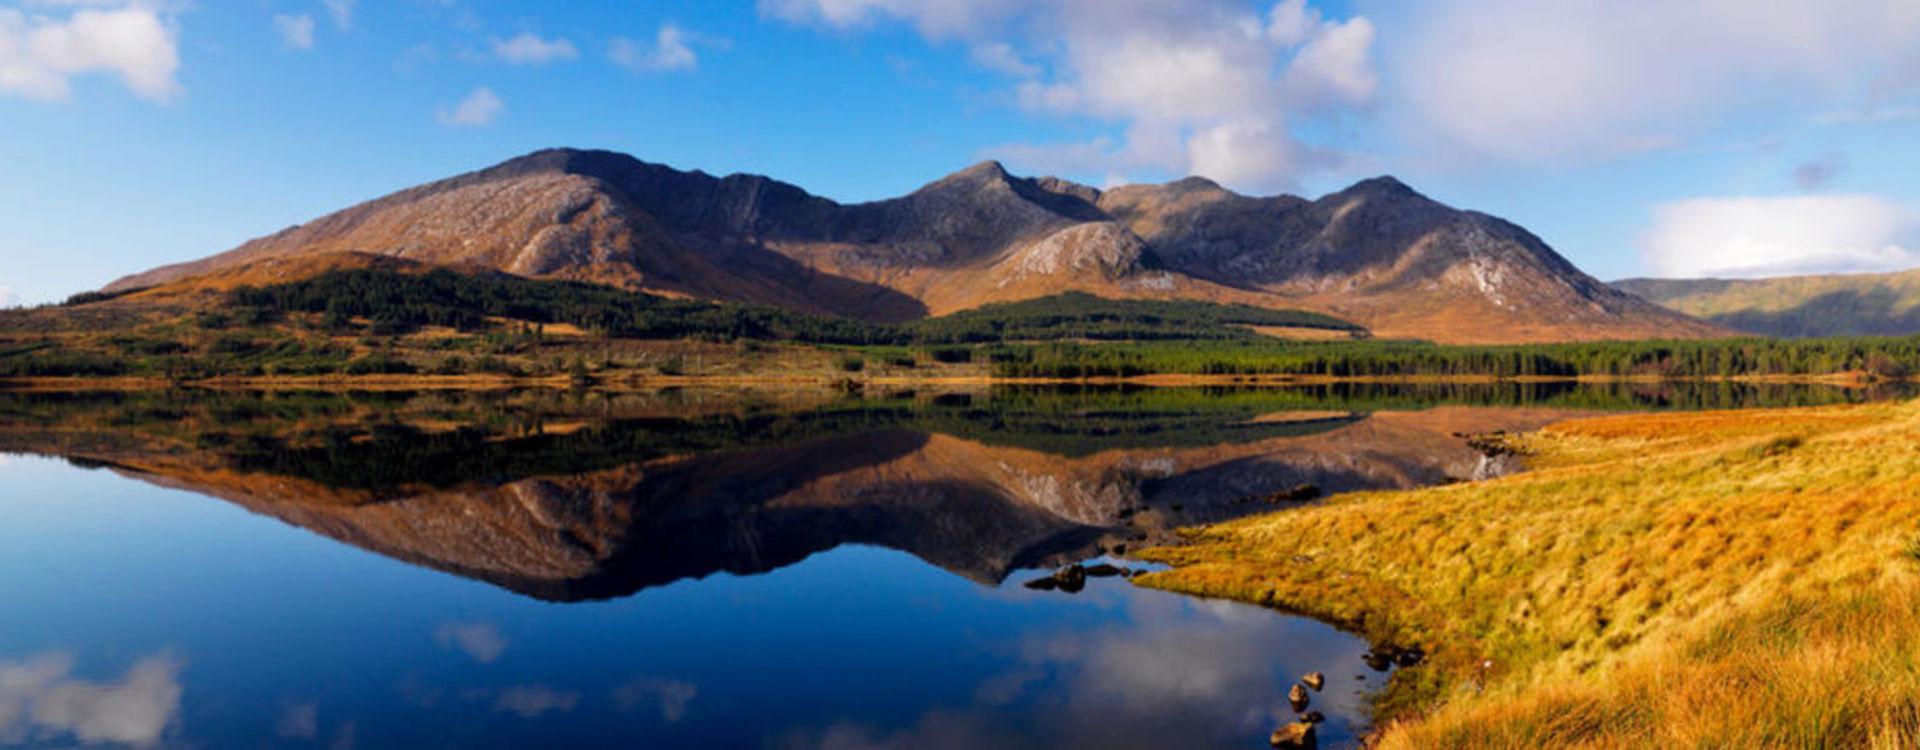 Sechstägige Tour durch Südirland